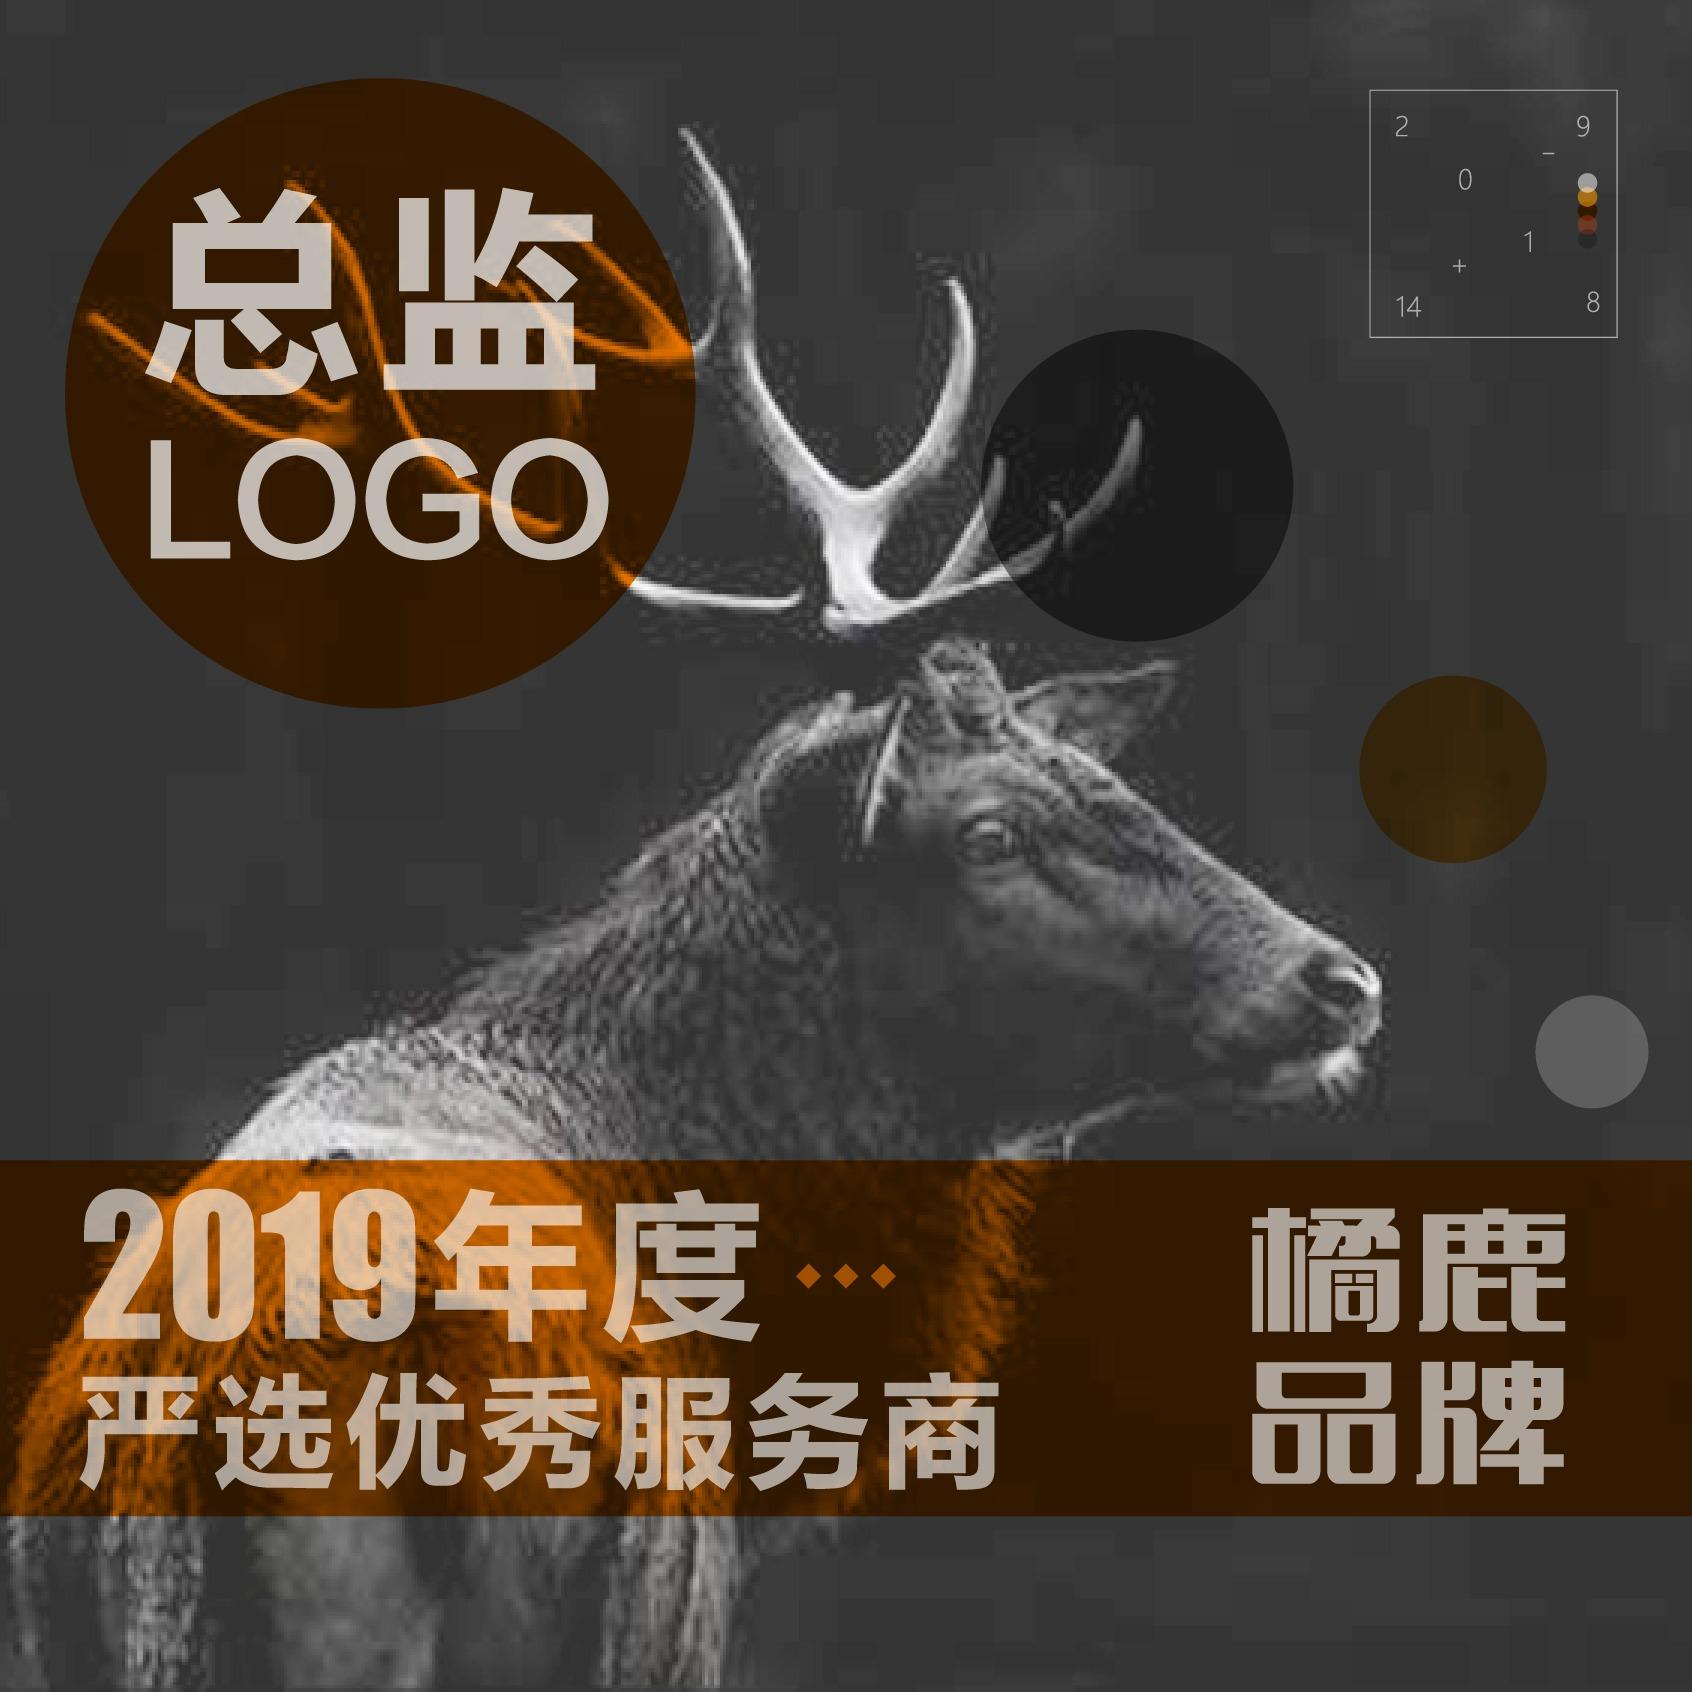 【橘鹿品牌】企业金融医疗工业教育餐饮LOGO标志总监操刀